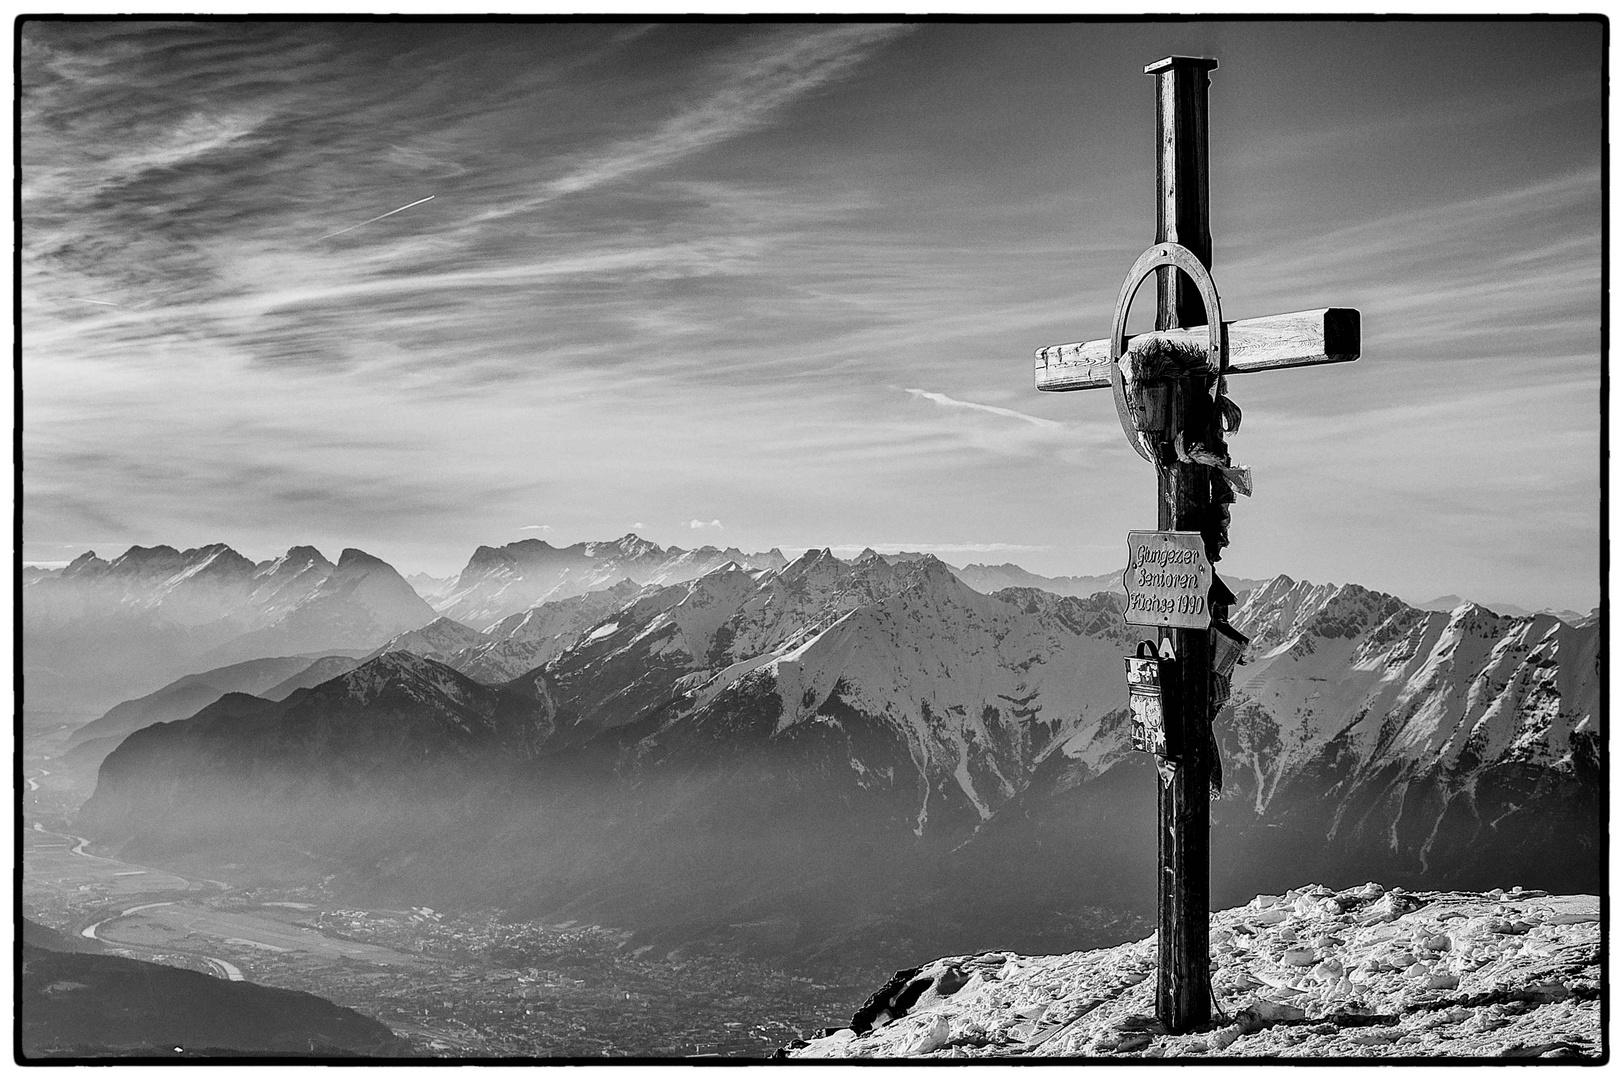 Sonnenspitze mit Blick auf Innsbruck, 2639 m.ü.d.M